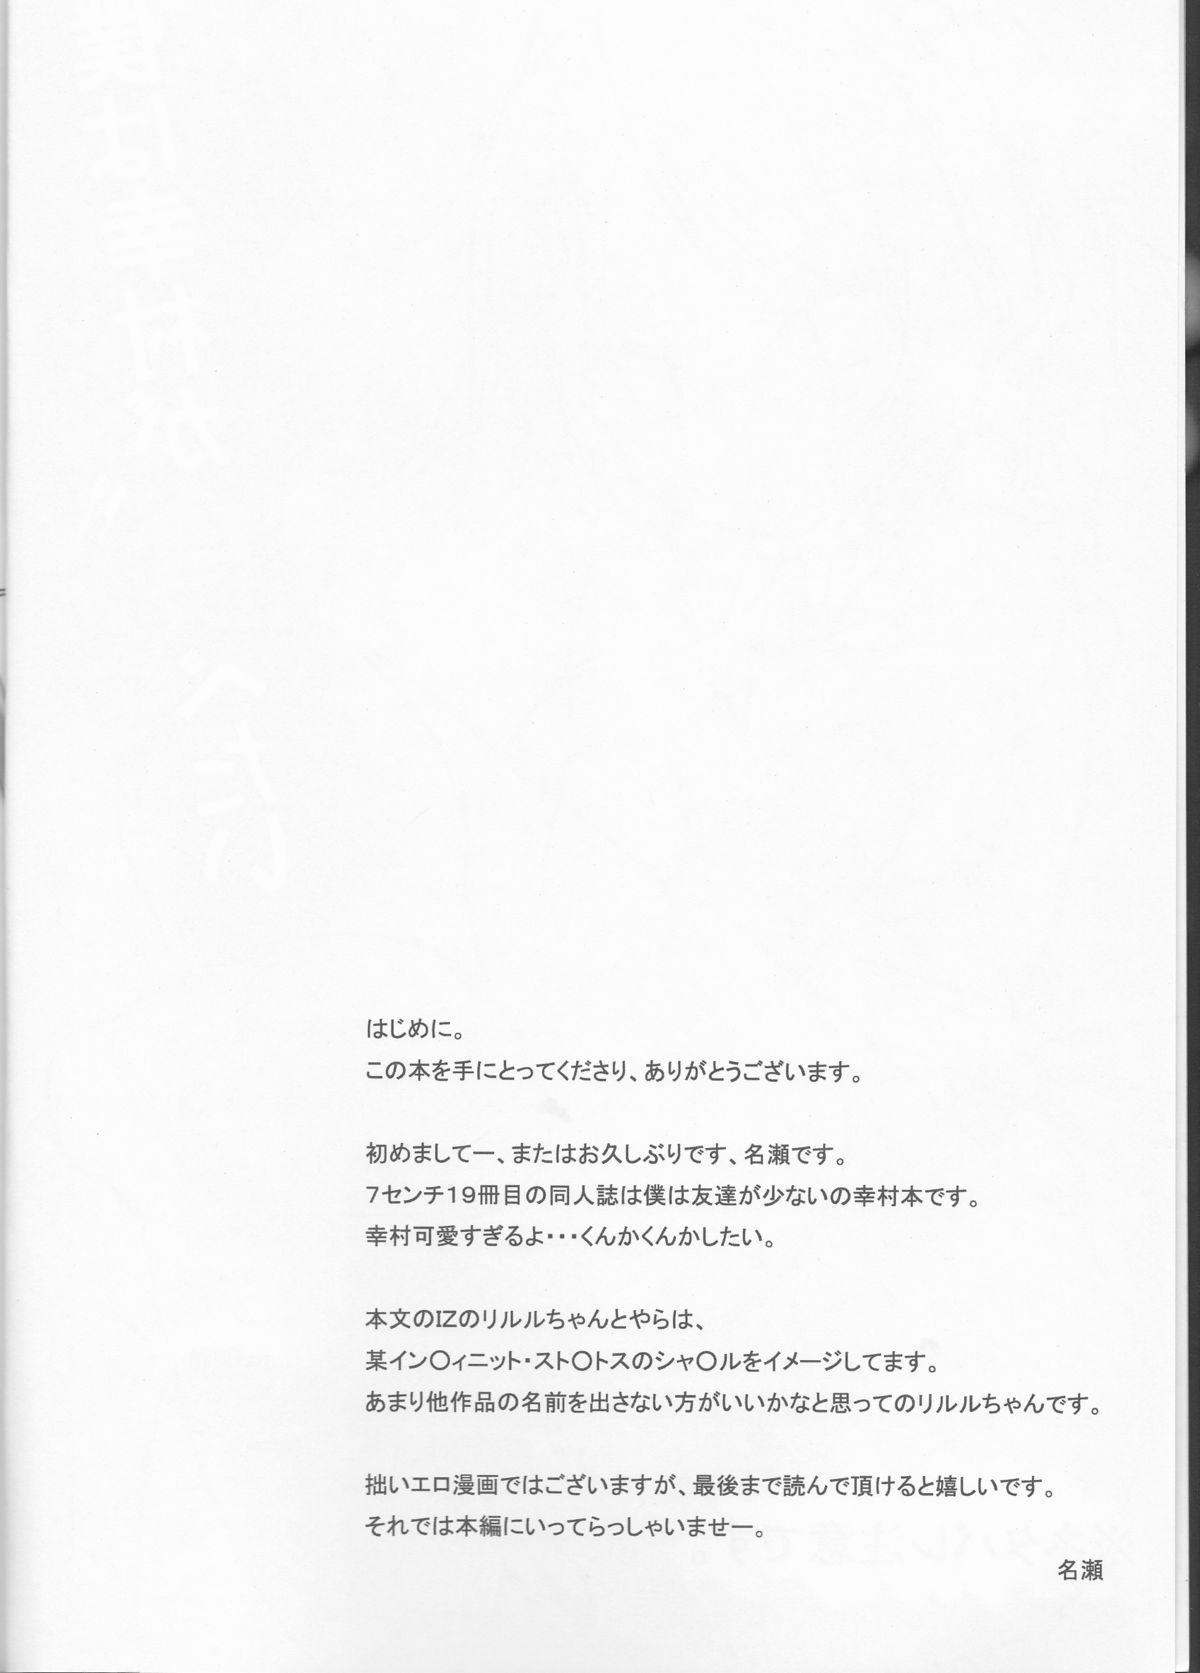 Boku wa Yukimura ga Tabetai 2